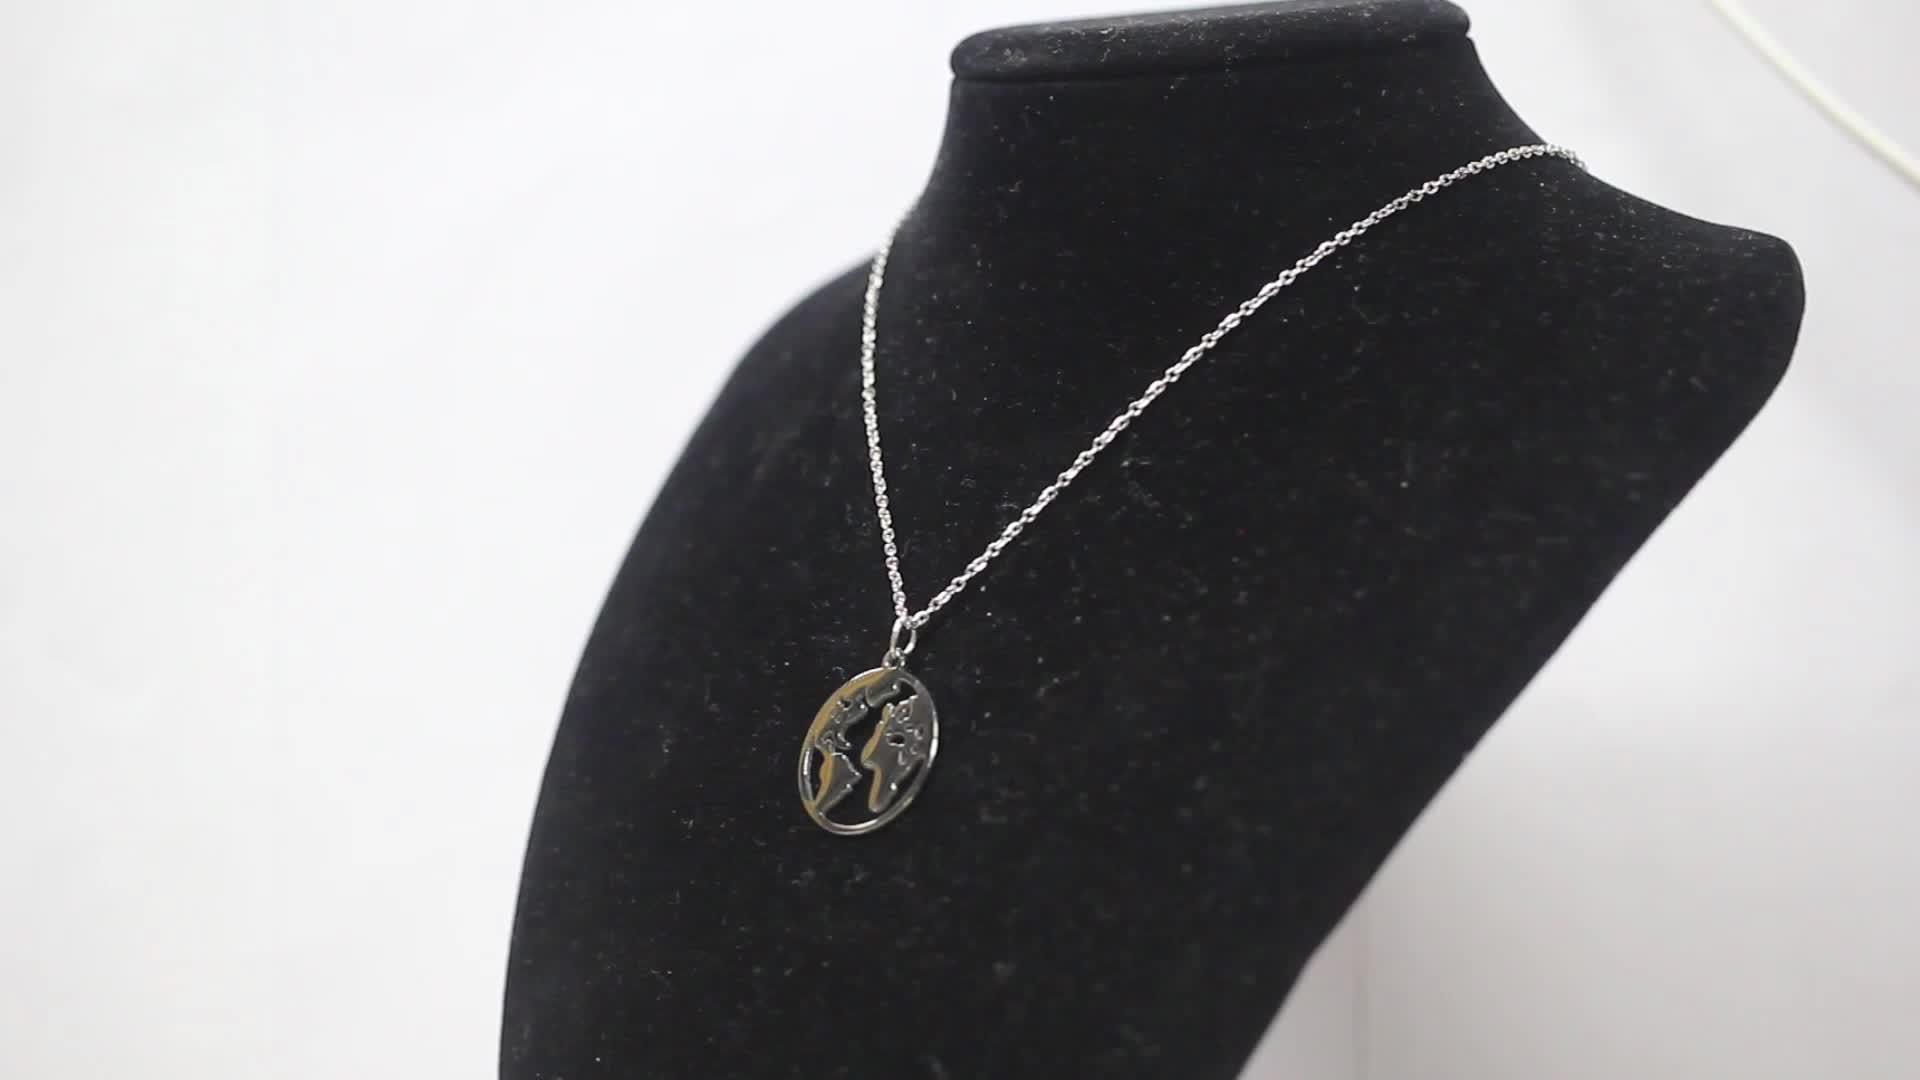 Acero inoxidable 18k oro joyería mapa del mundo oro círculo colgante collar personalizado